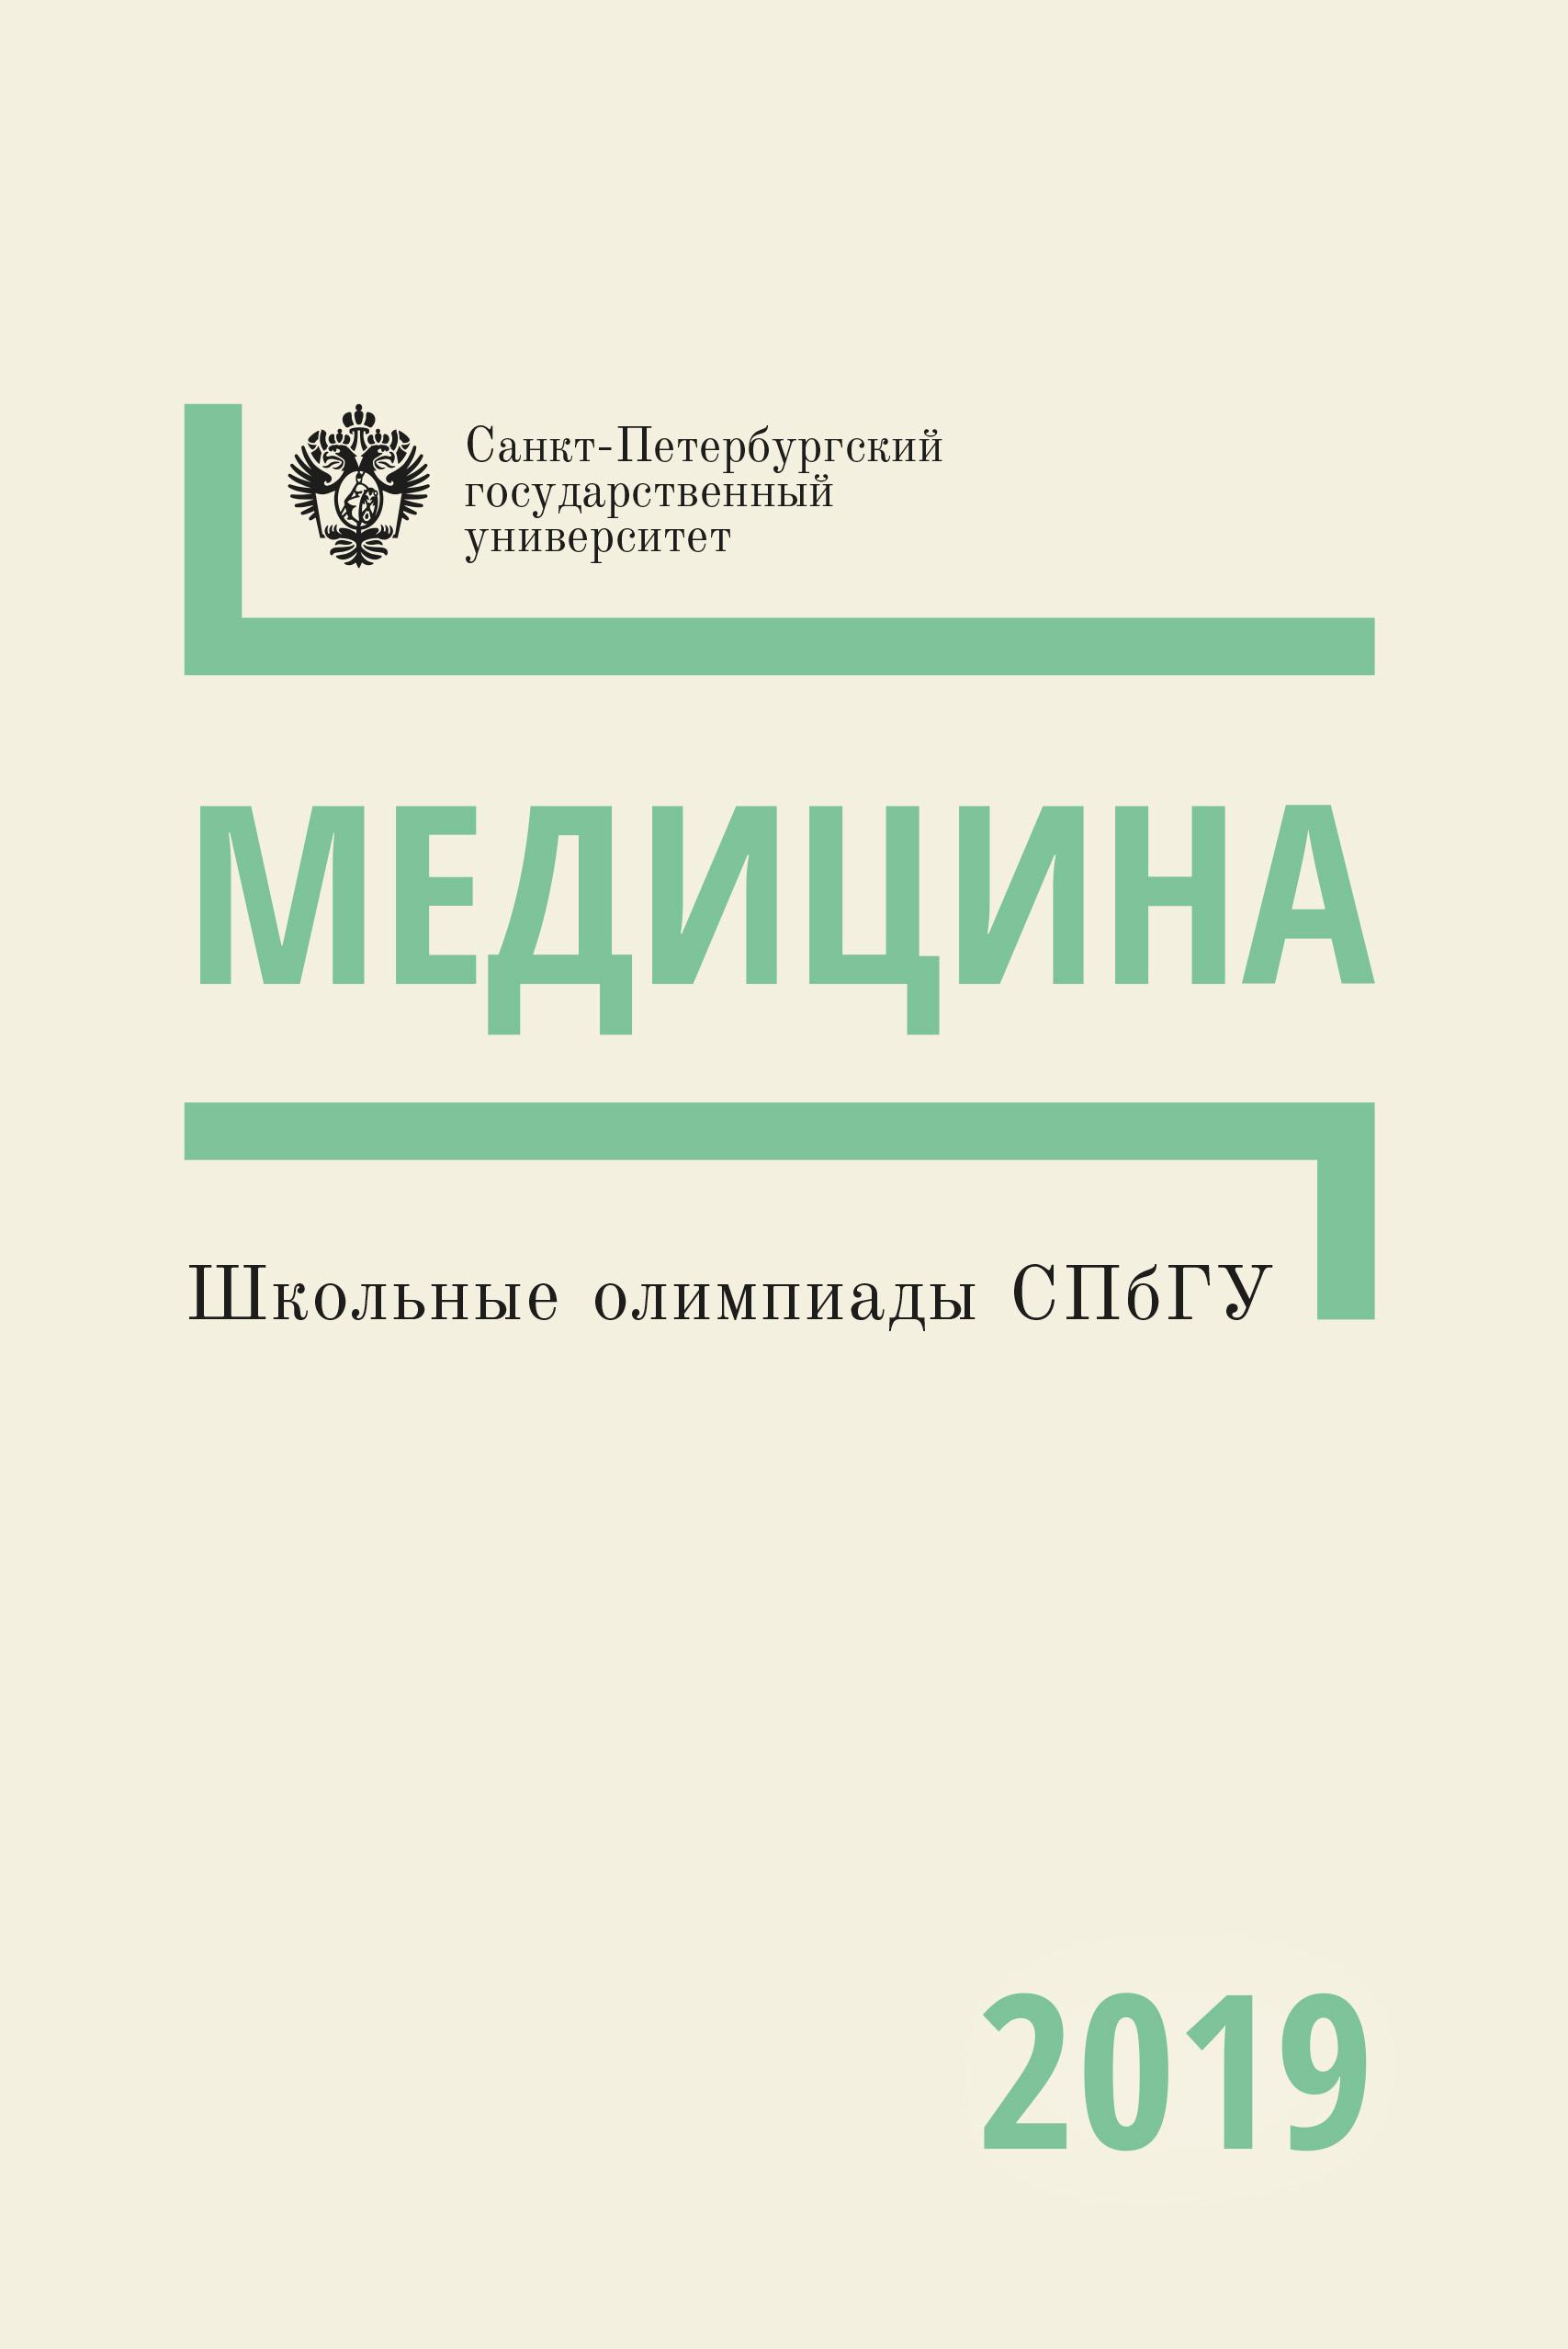 Школьные олимпиады СПбГУ 2019. Медицина